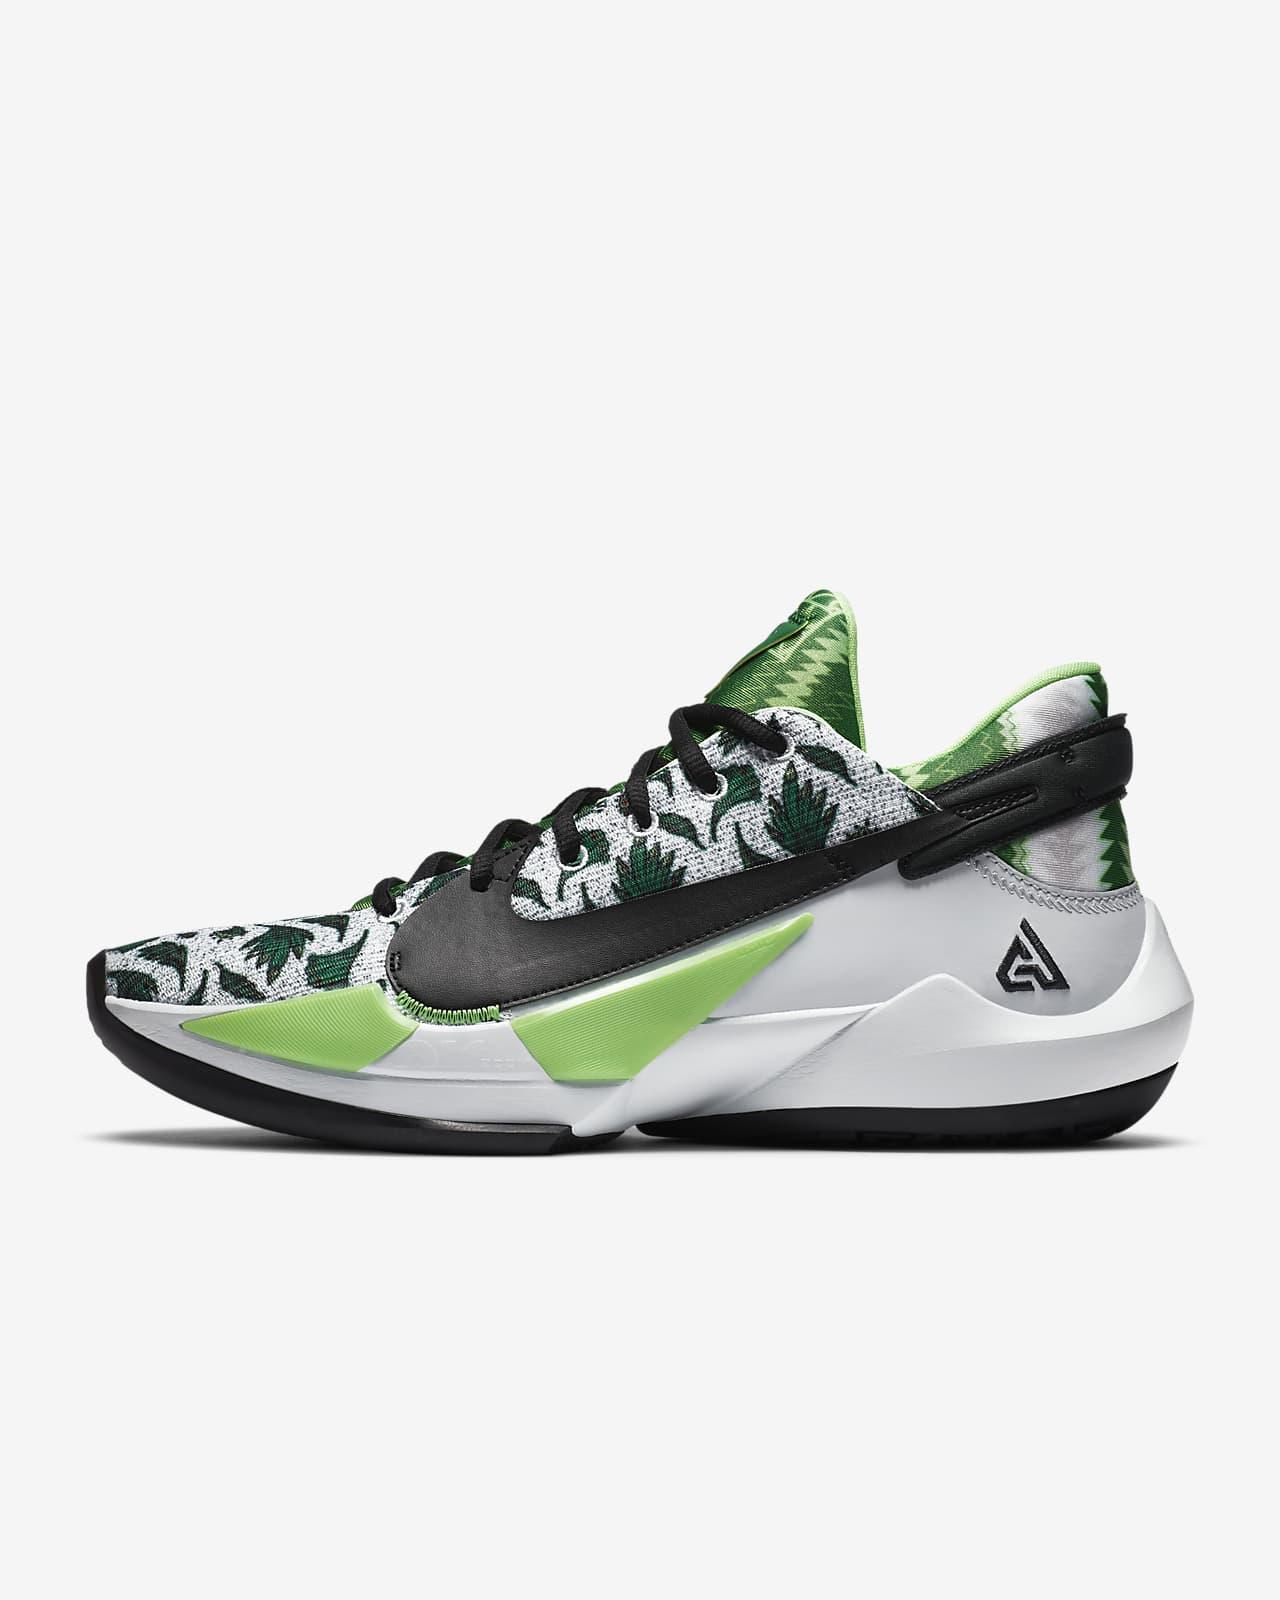 รองเท้าบาสเก็ตบอล Zoom Freak 2 Naija